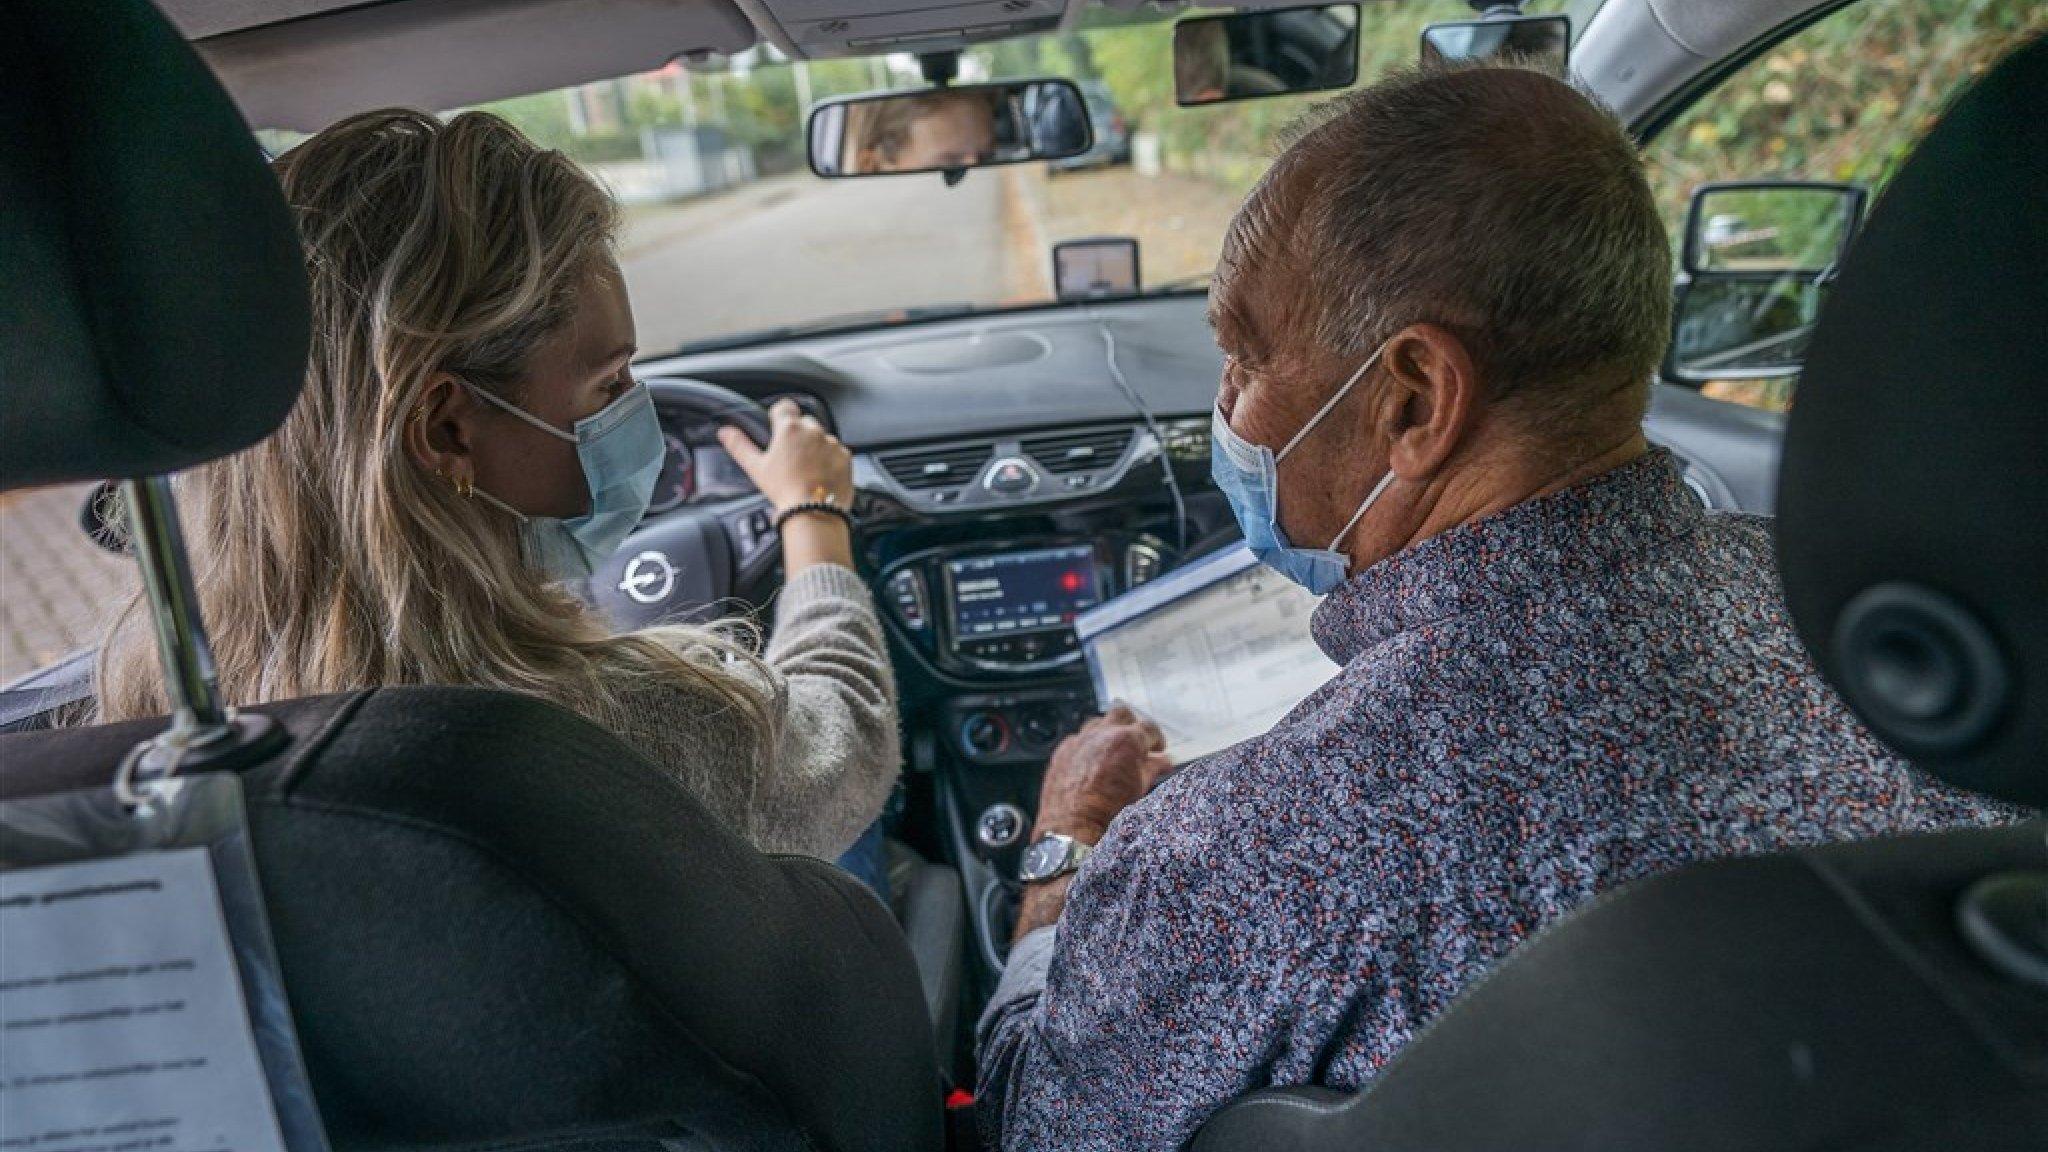 Hun leven staat stil door uitstel rijexamens: 'Geen auto, geen baan, geen uitzicht' - RTL Nieuws